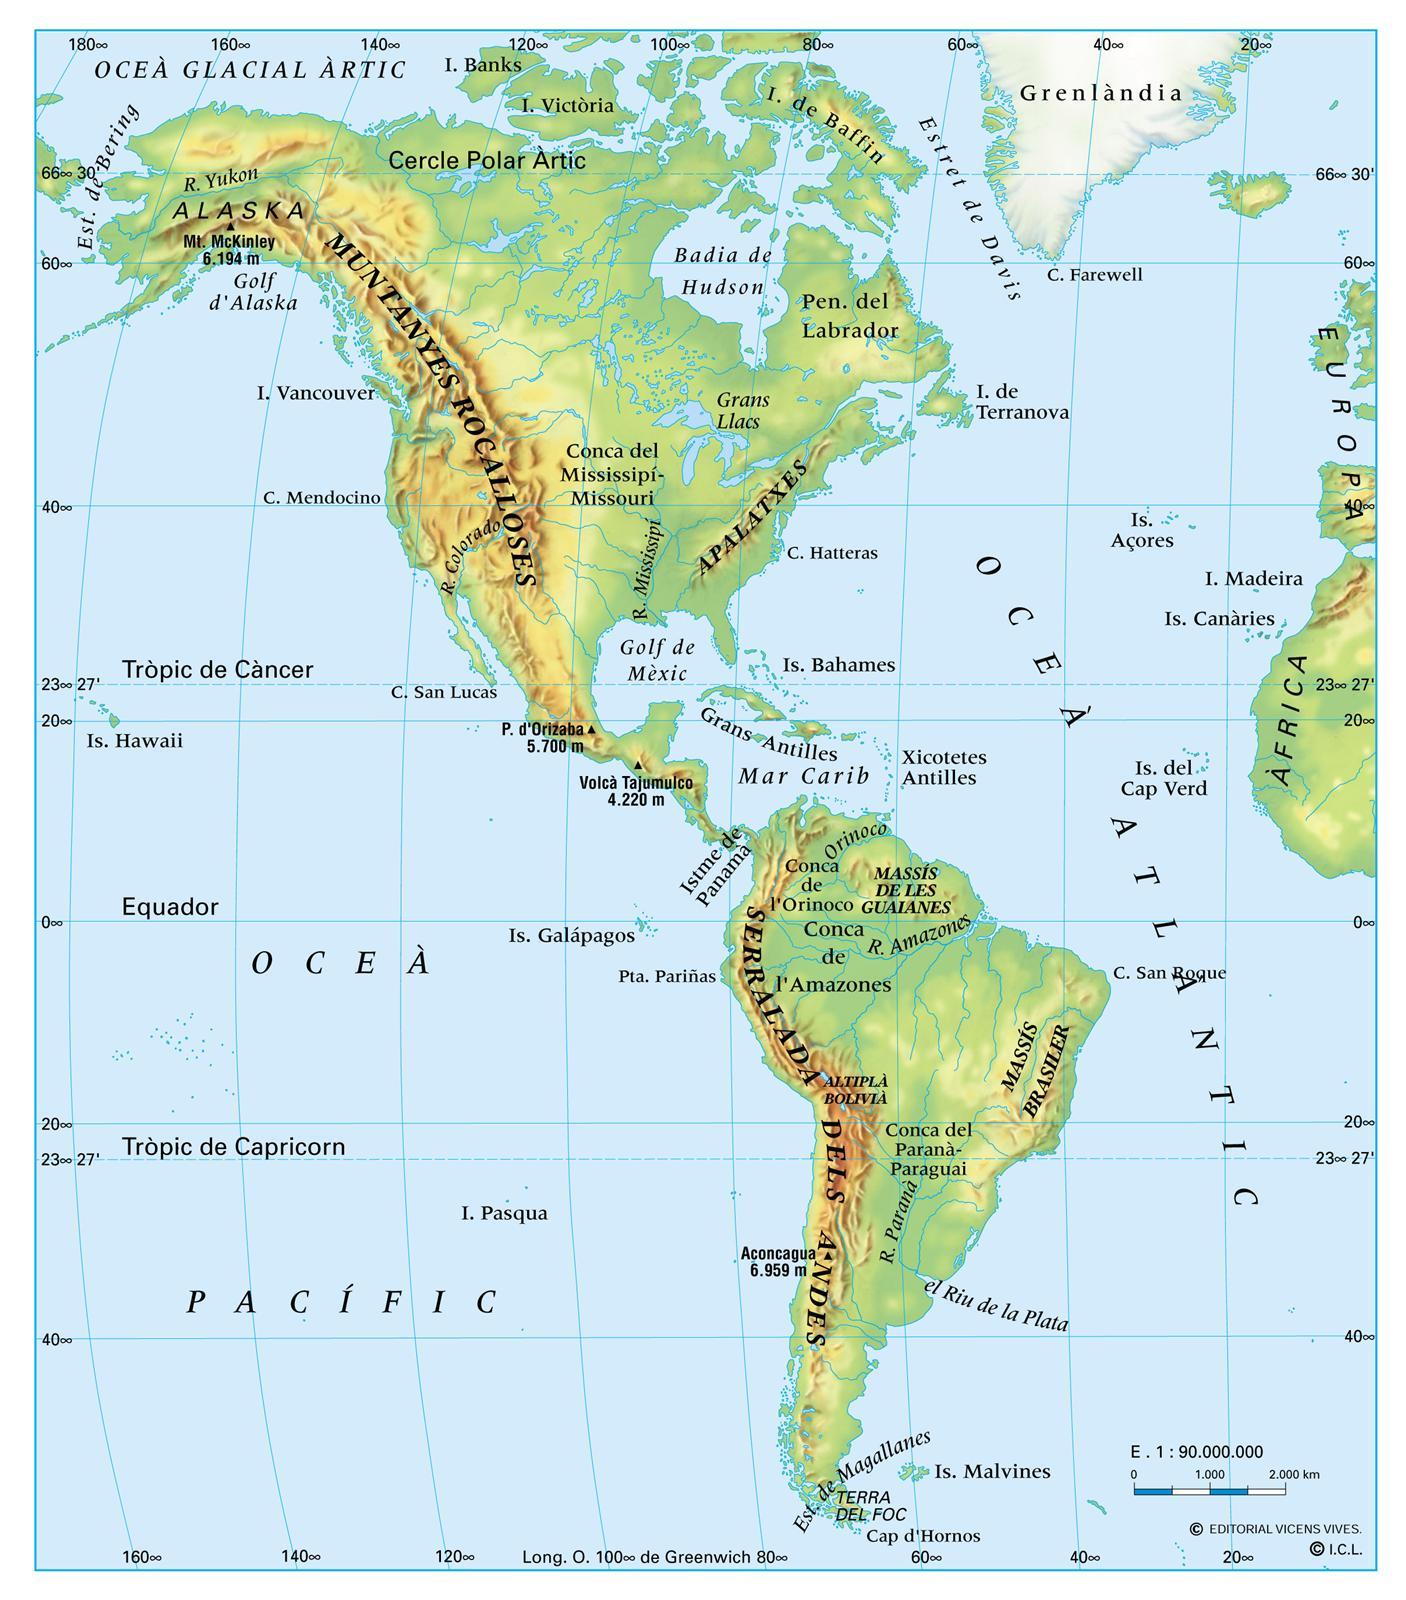 Mapa Fisico De America.1 2 Relieve Mapa Fisico America Norte Y Sur